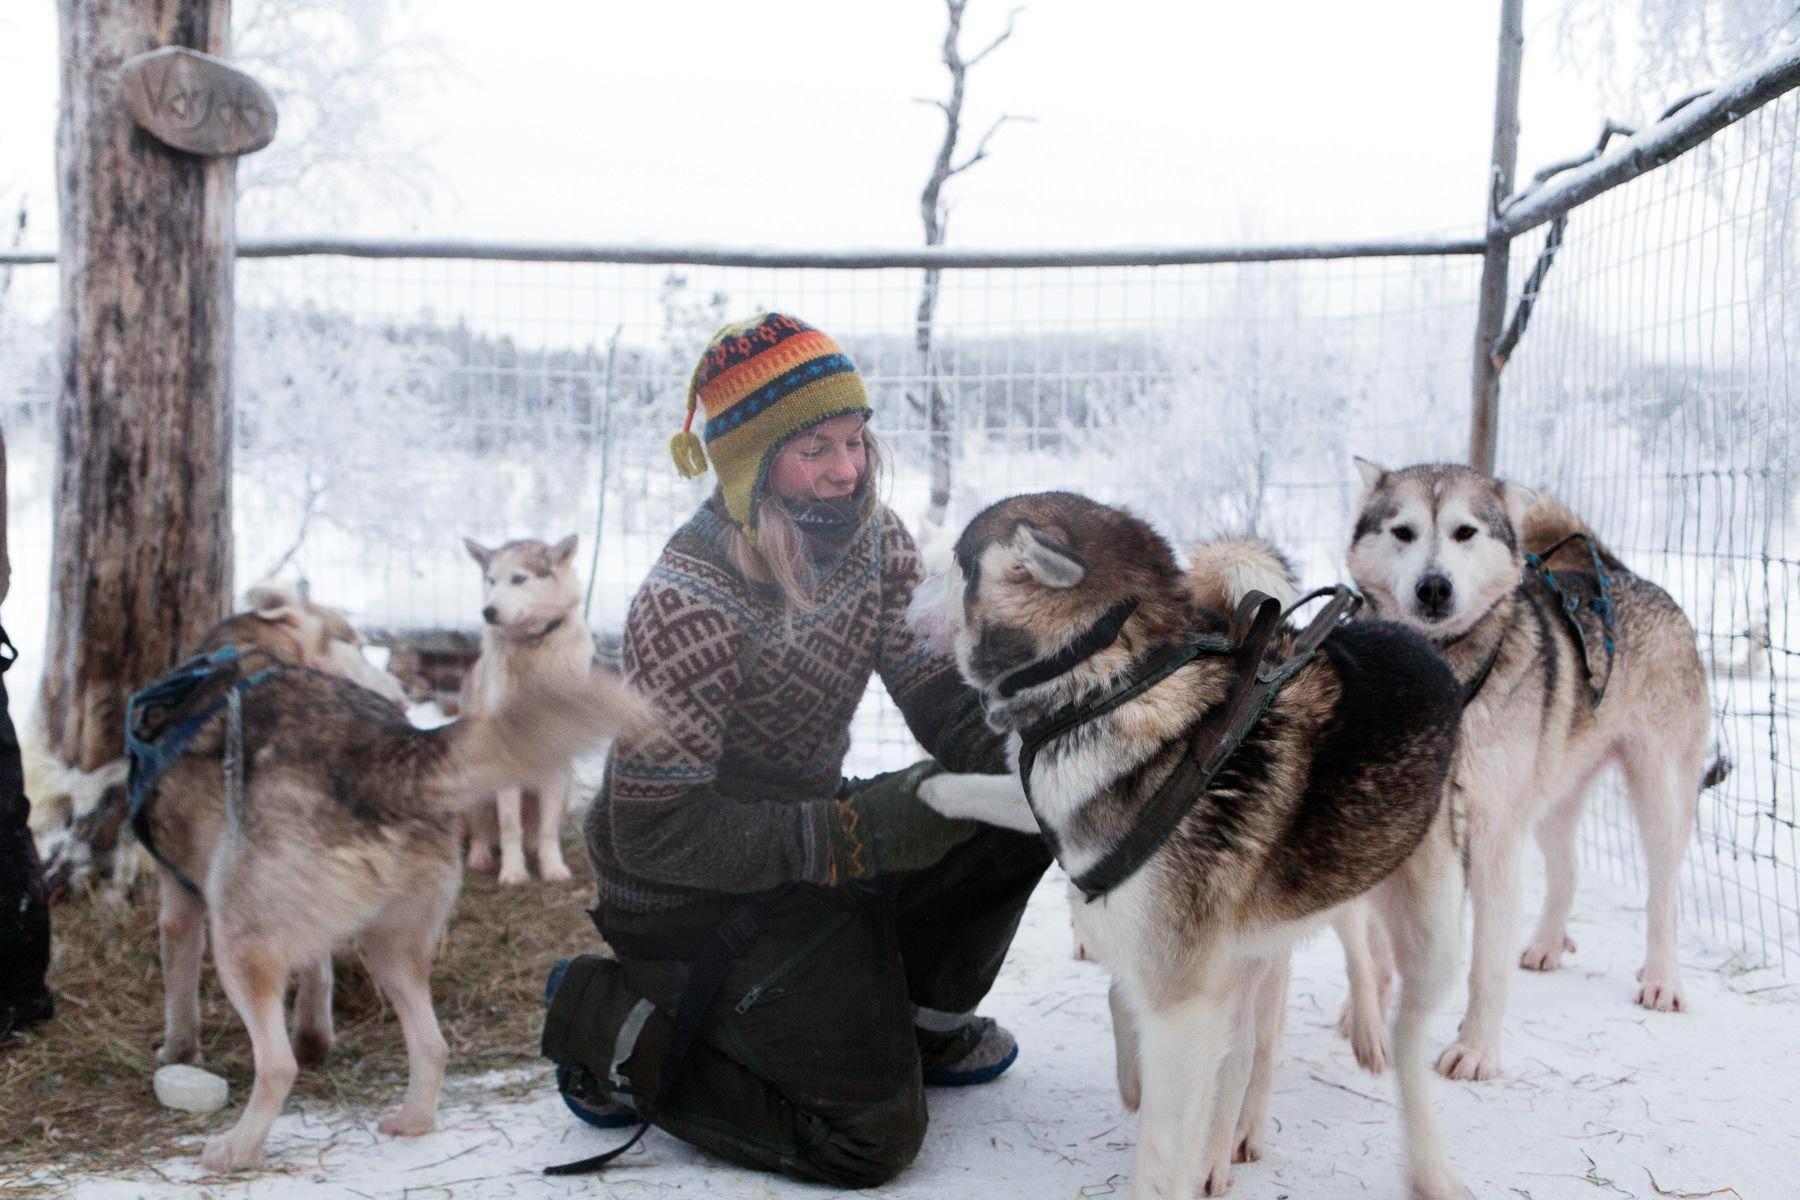 brice portolano arctic love lensculture